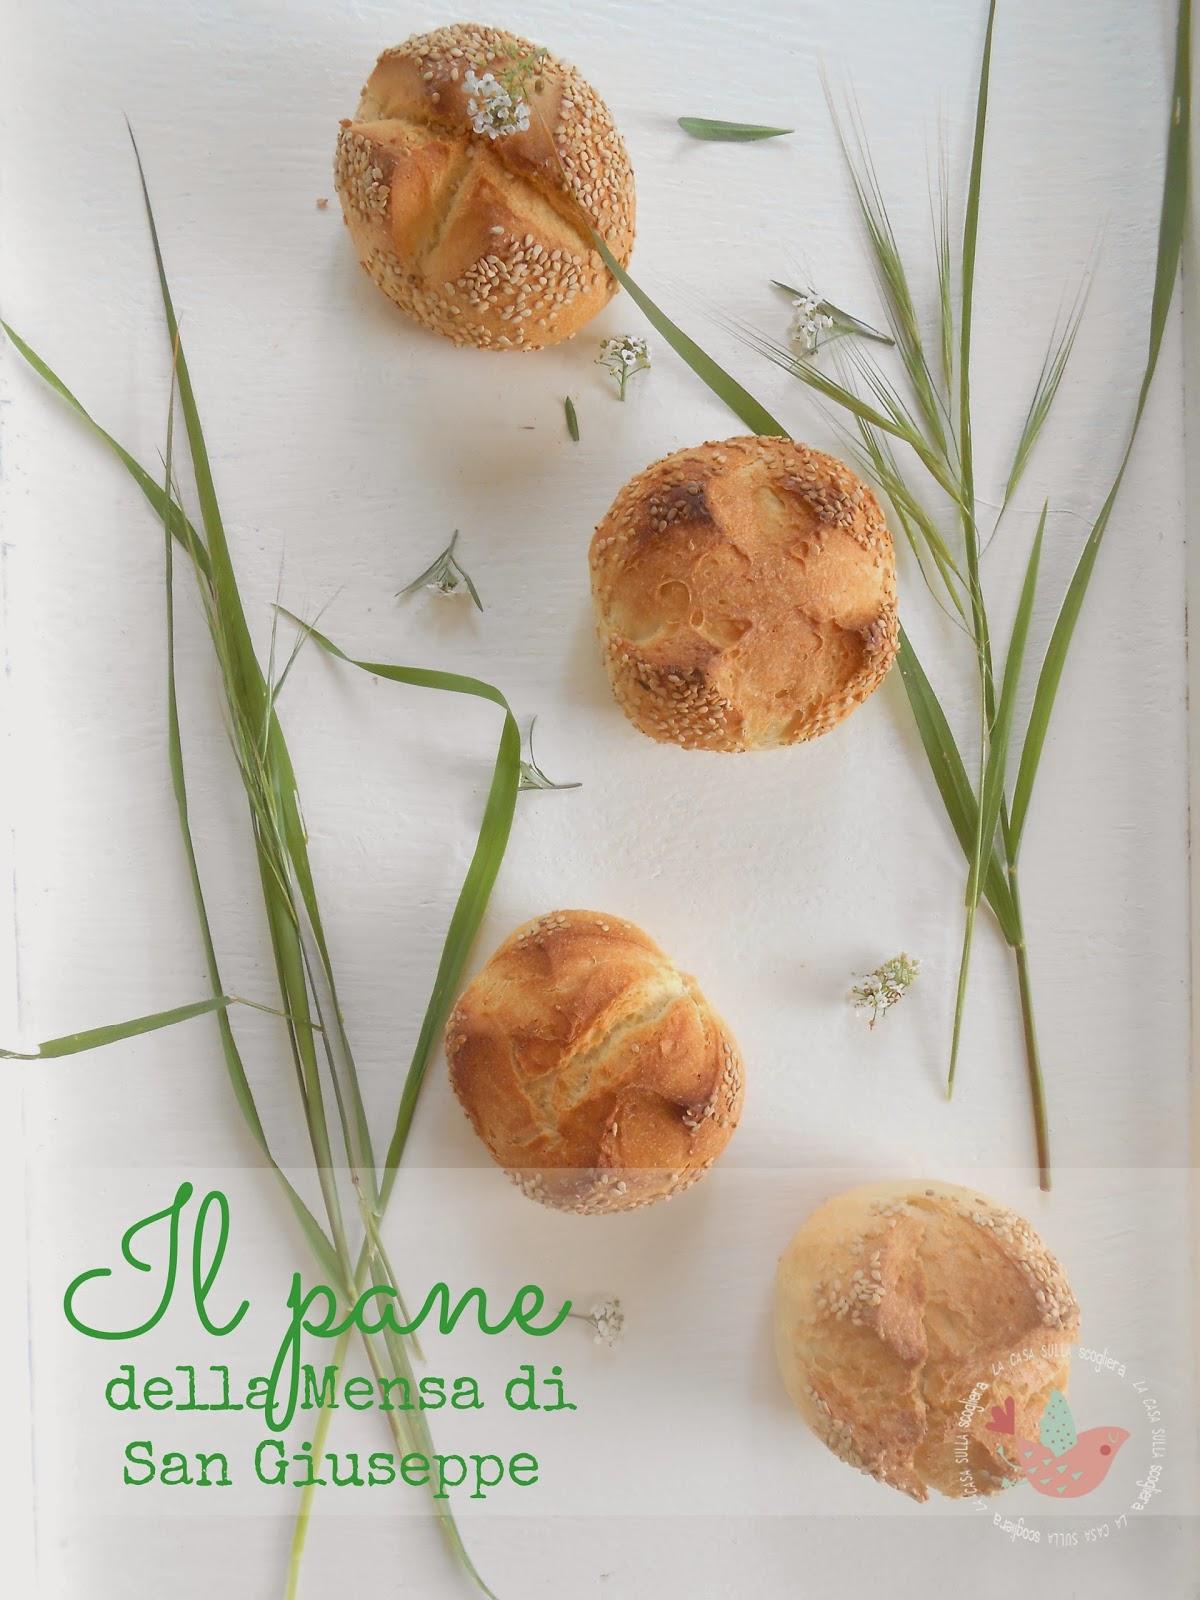 A marzo a Terrasini, come ogni anno rinascono le meravigliose Mense di San Giuseppe, antica tradizione palermitana.